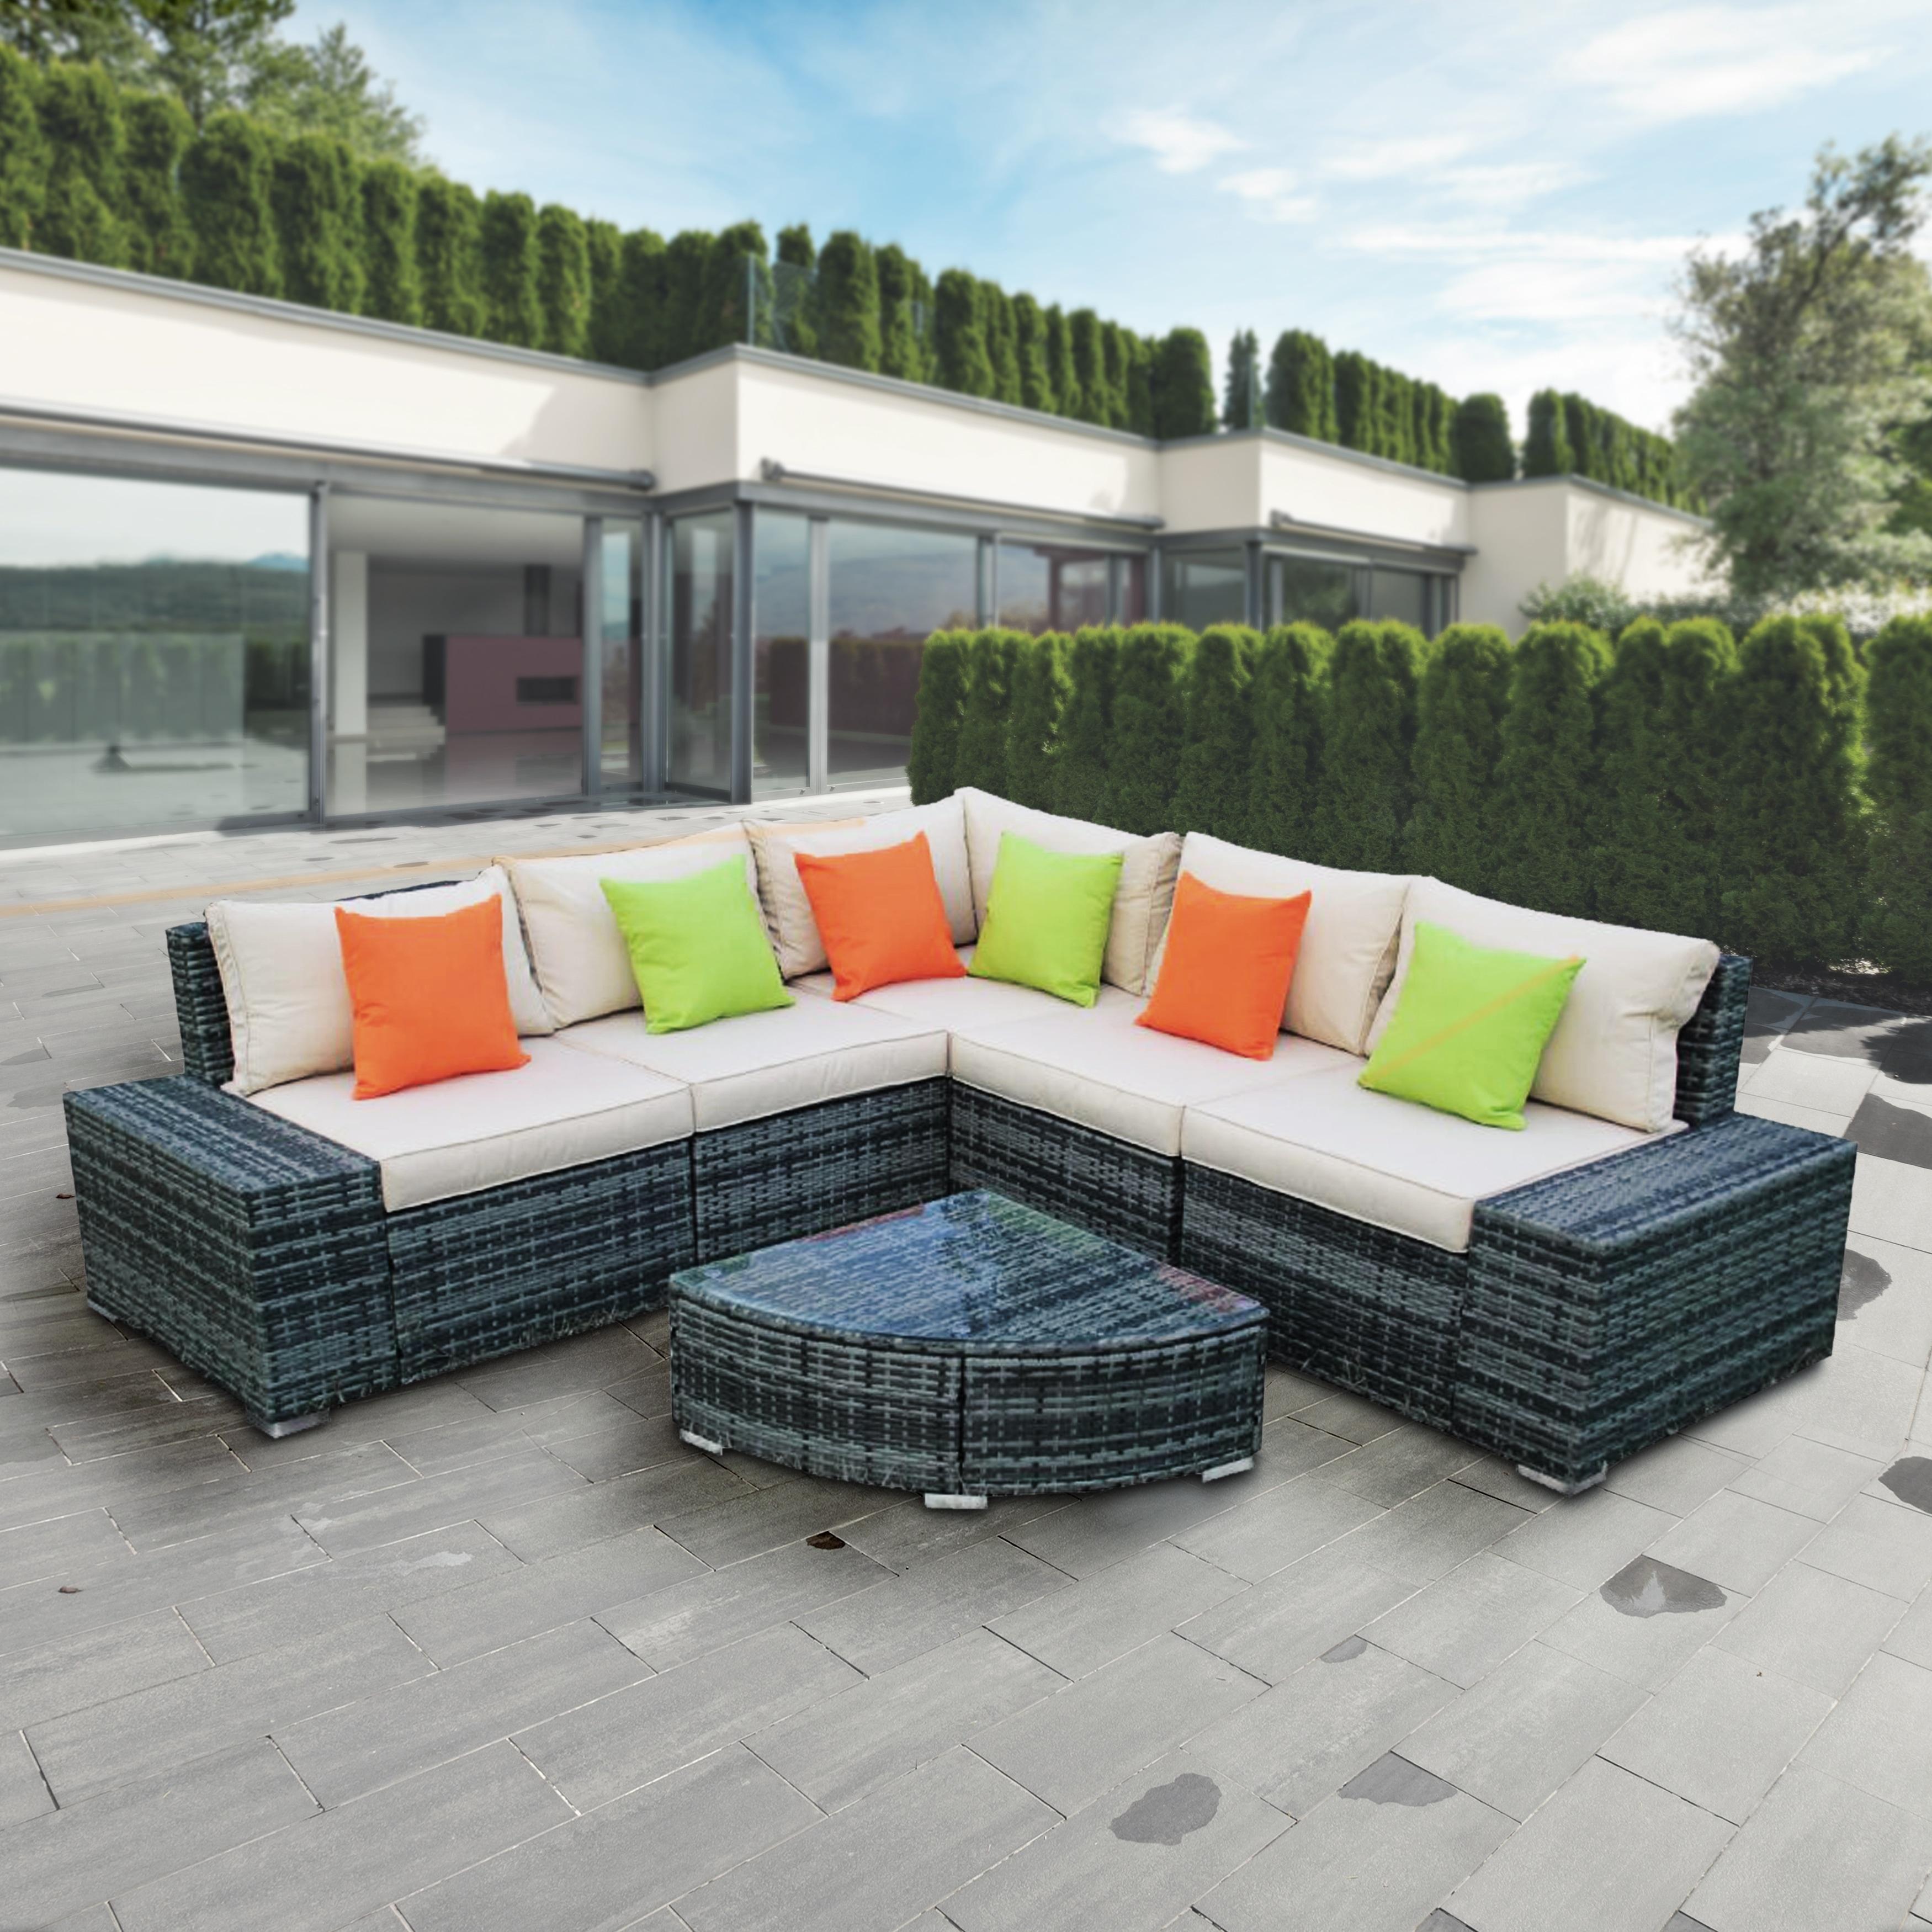 Aleko 6 Pcs Outdoor Patio Furniture Sectional Set Rattan Sofa With Pillows Overstock 31729653